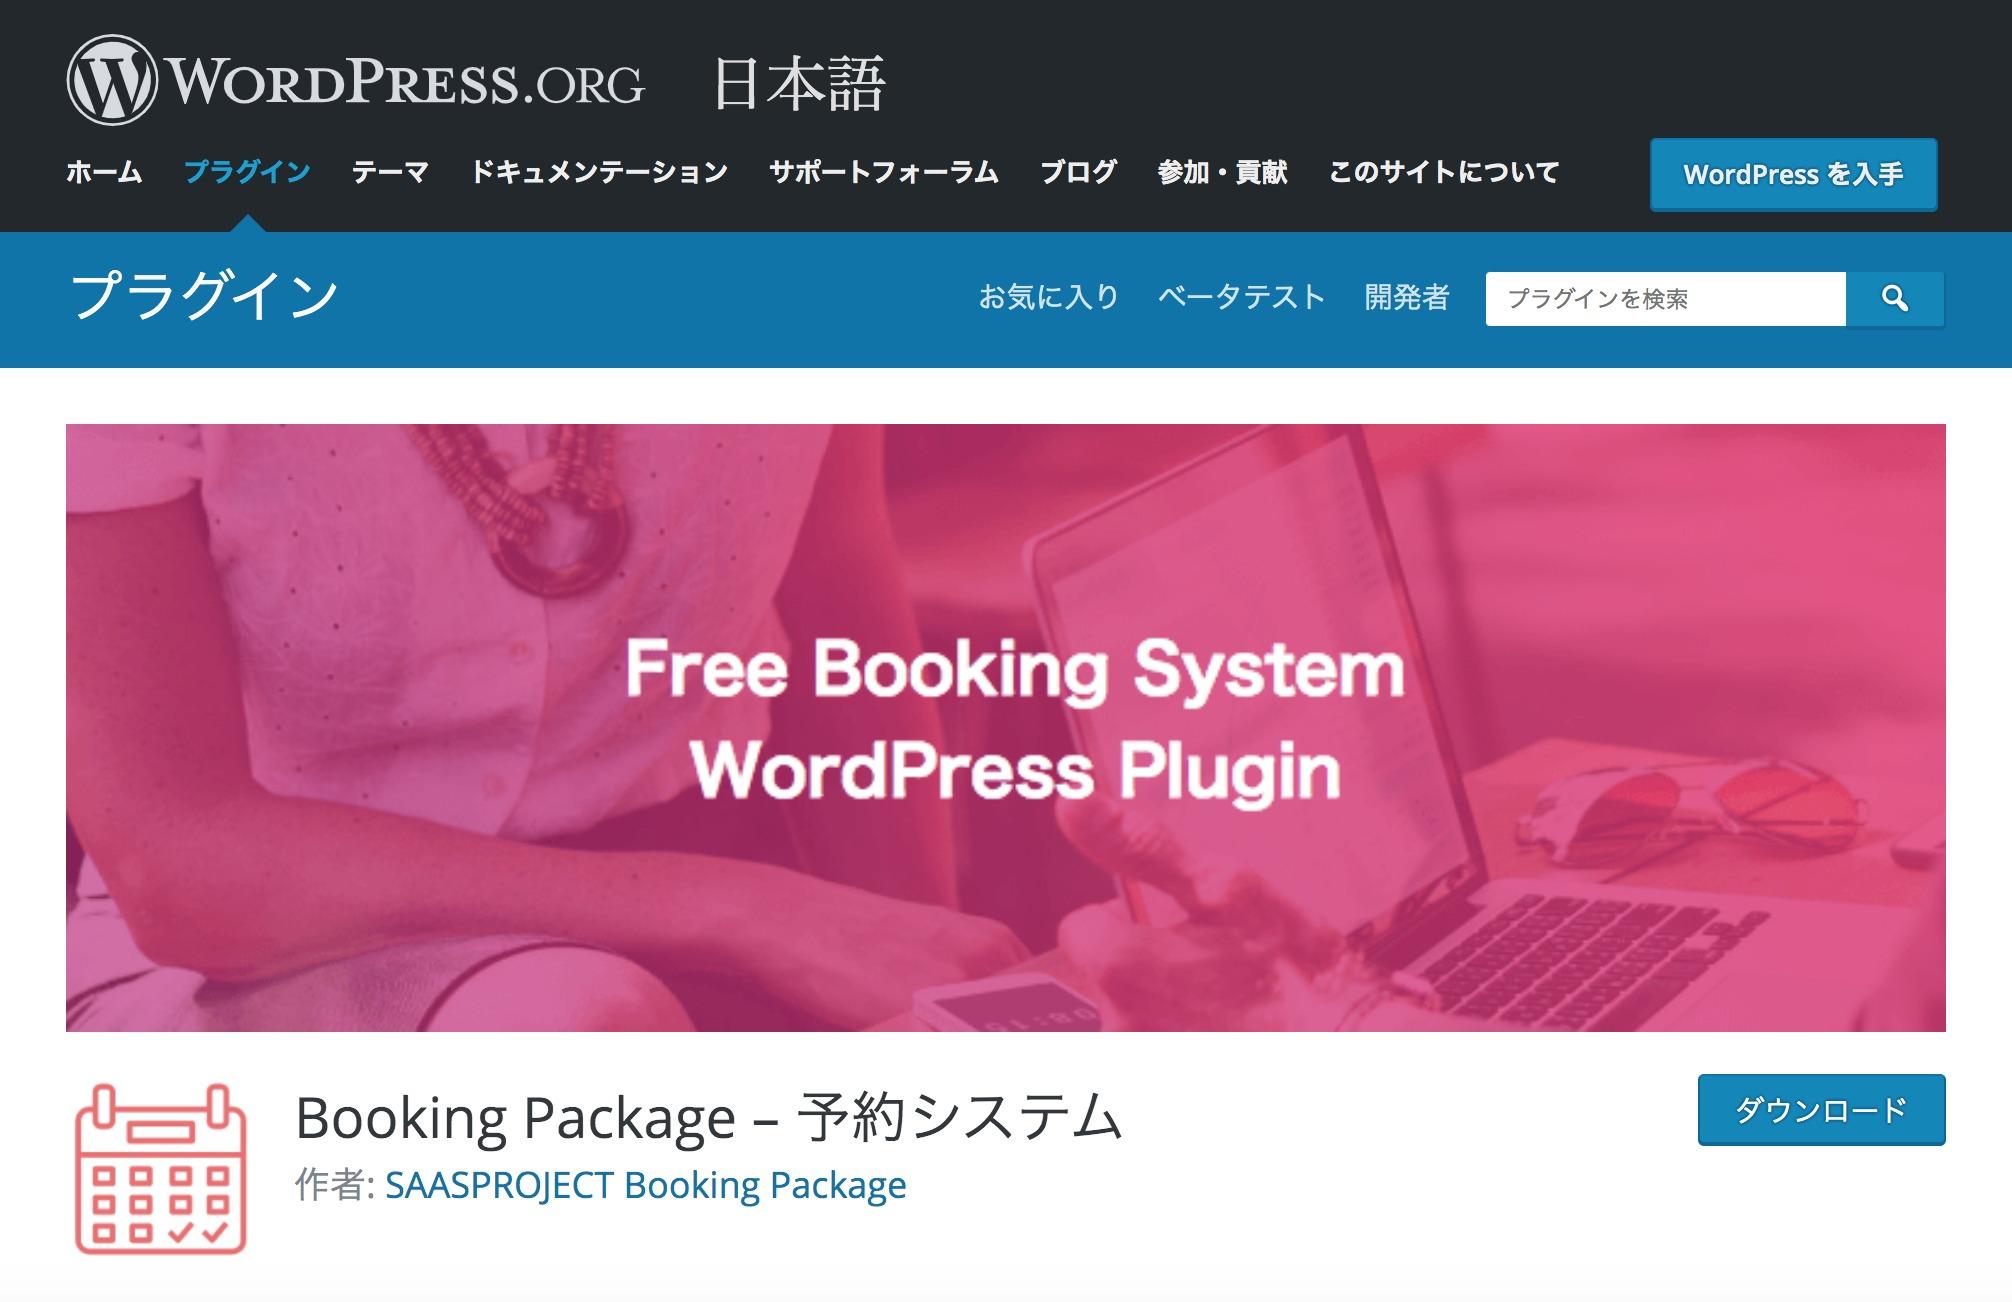 WordPress予約システムプラグインBooking Package